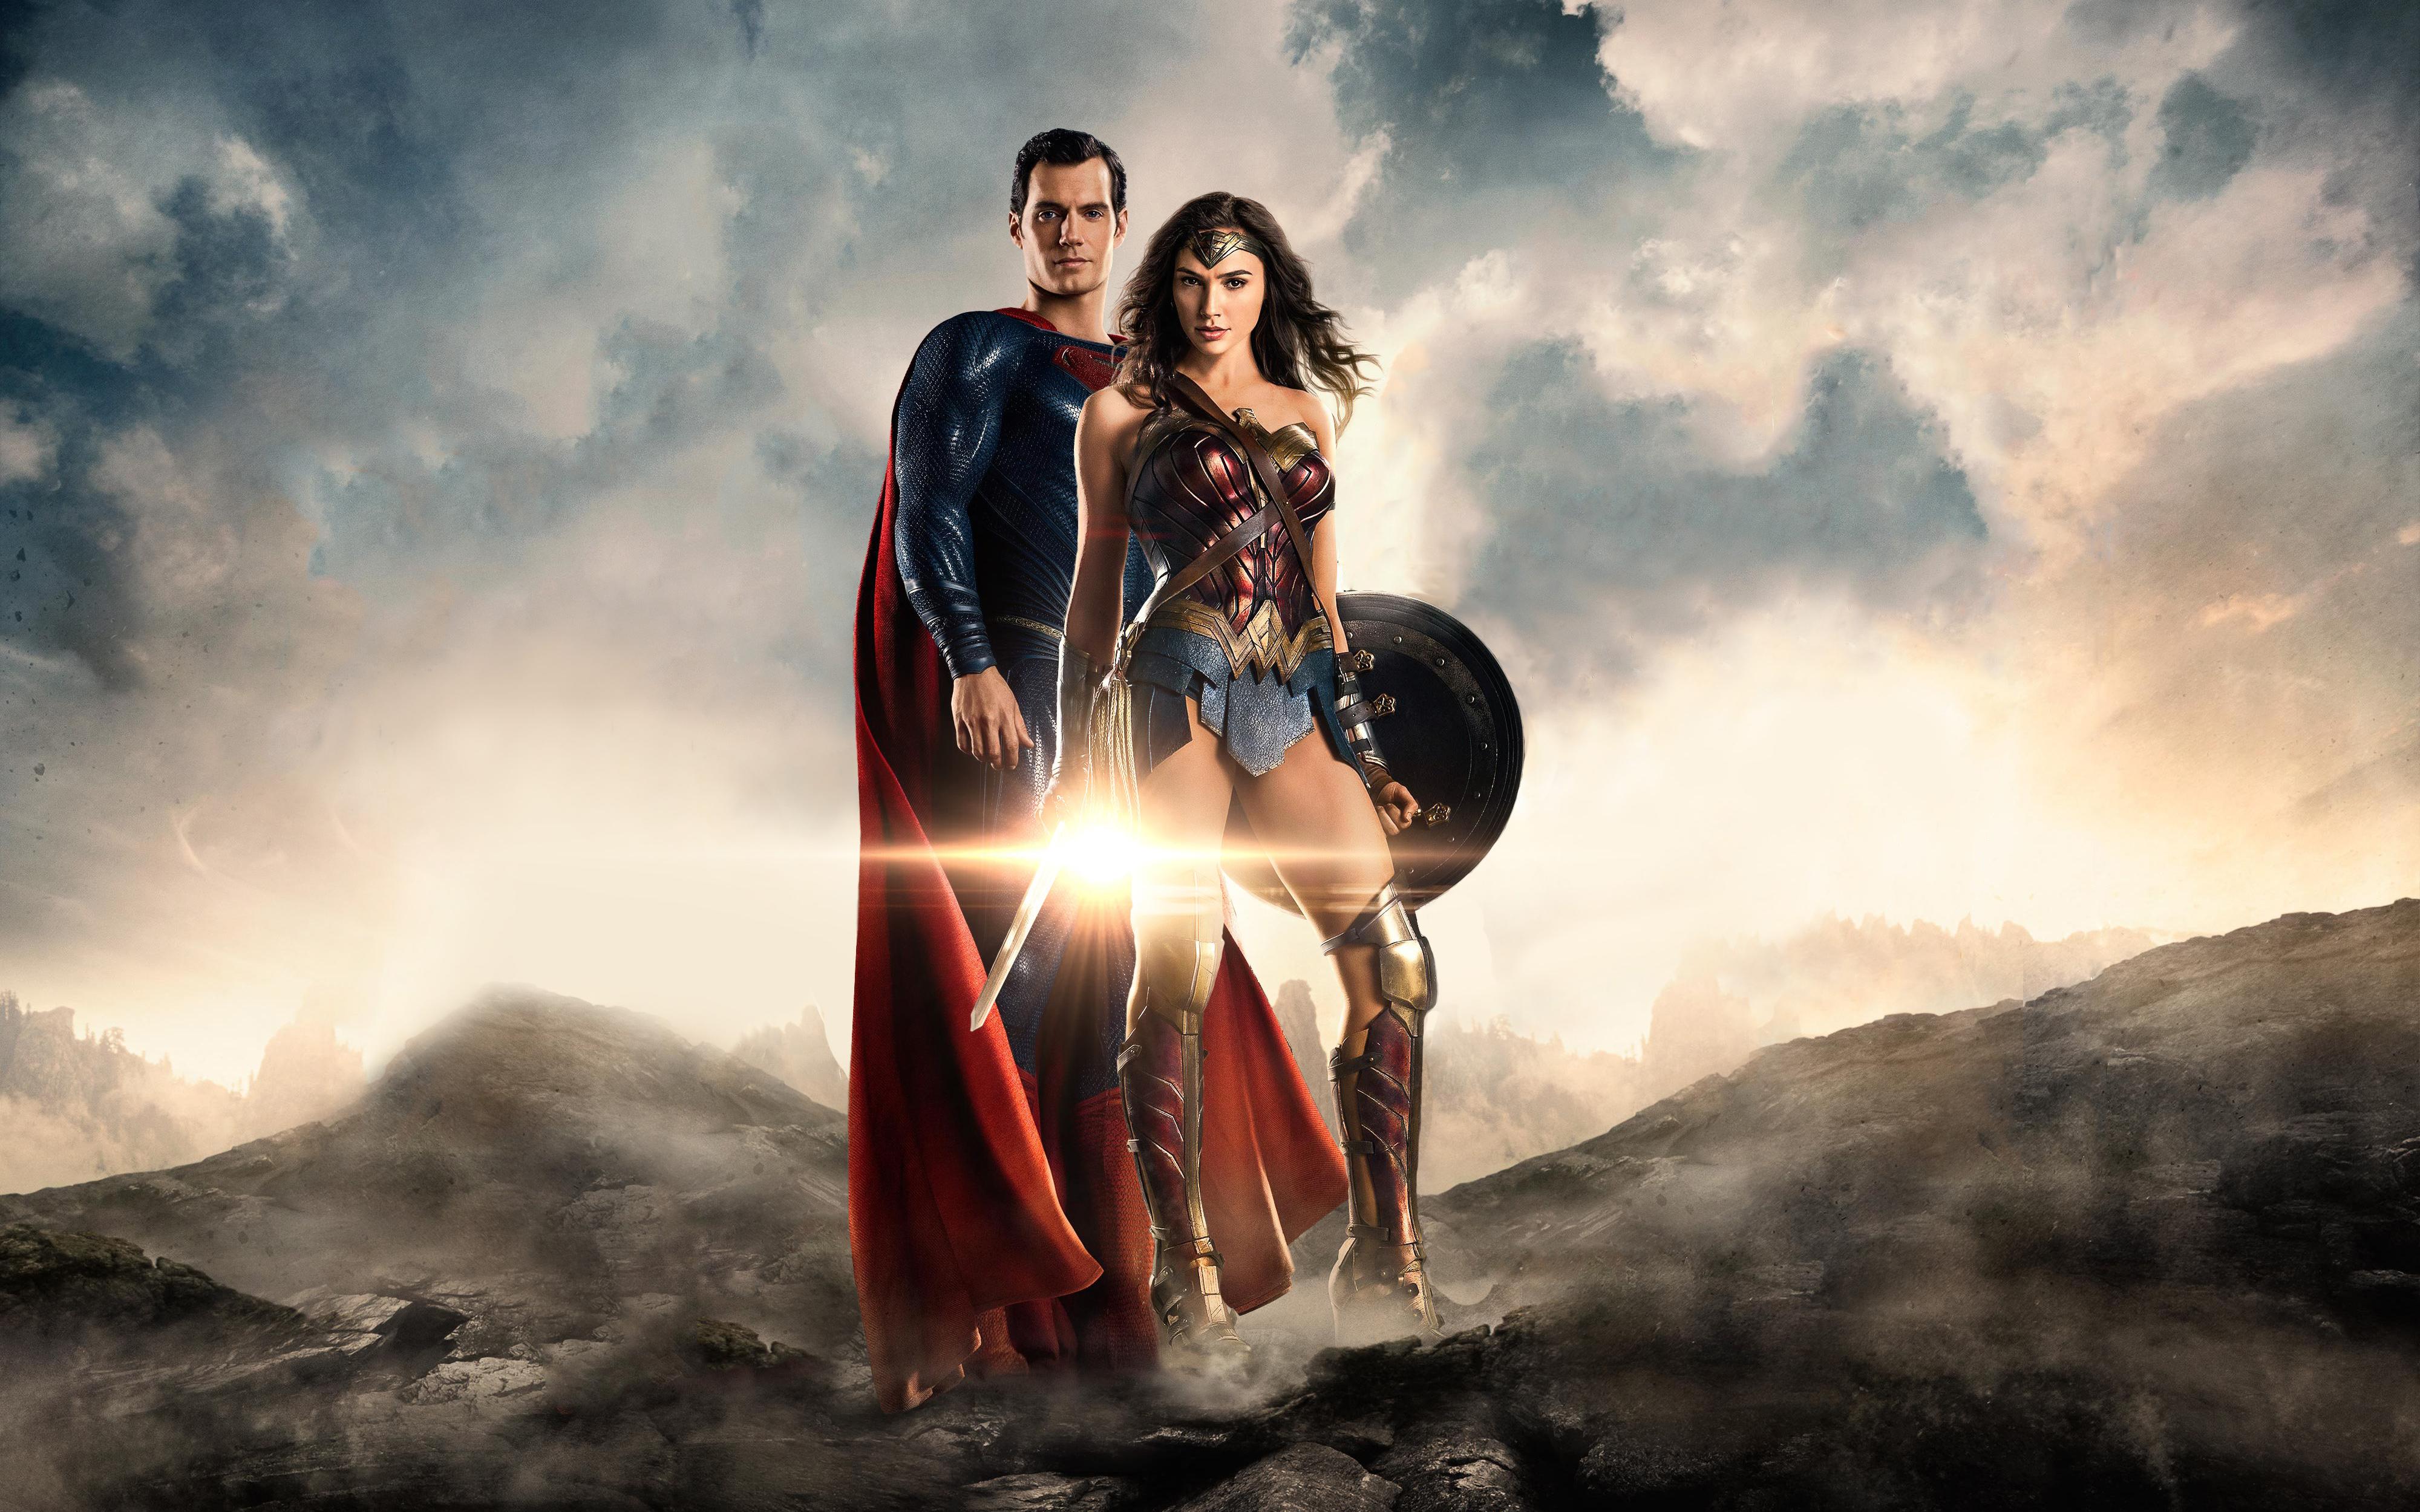 Супермен чудо женщина Лига справедливости обои скачать